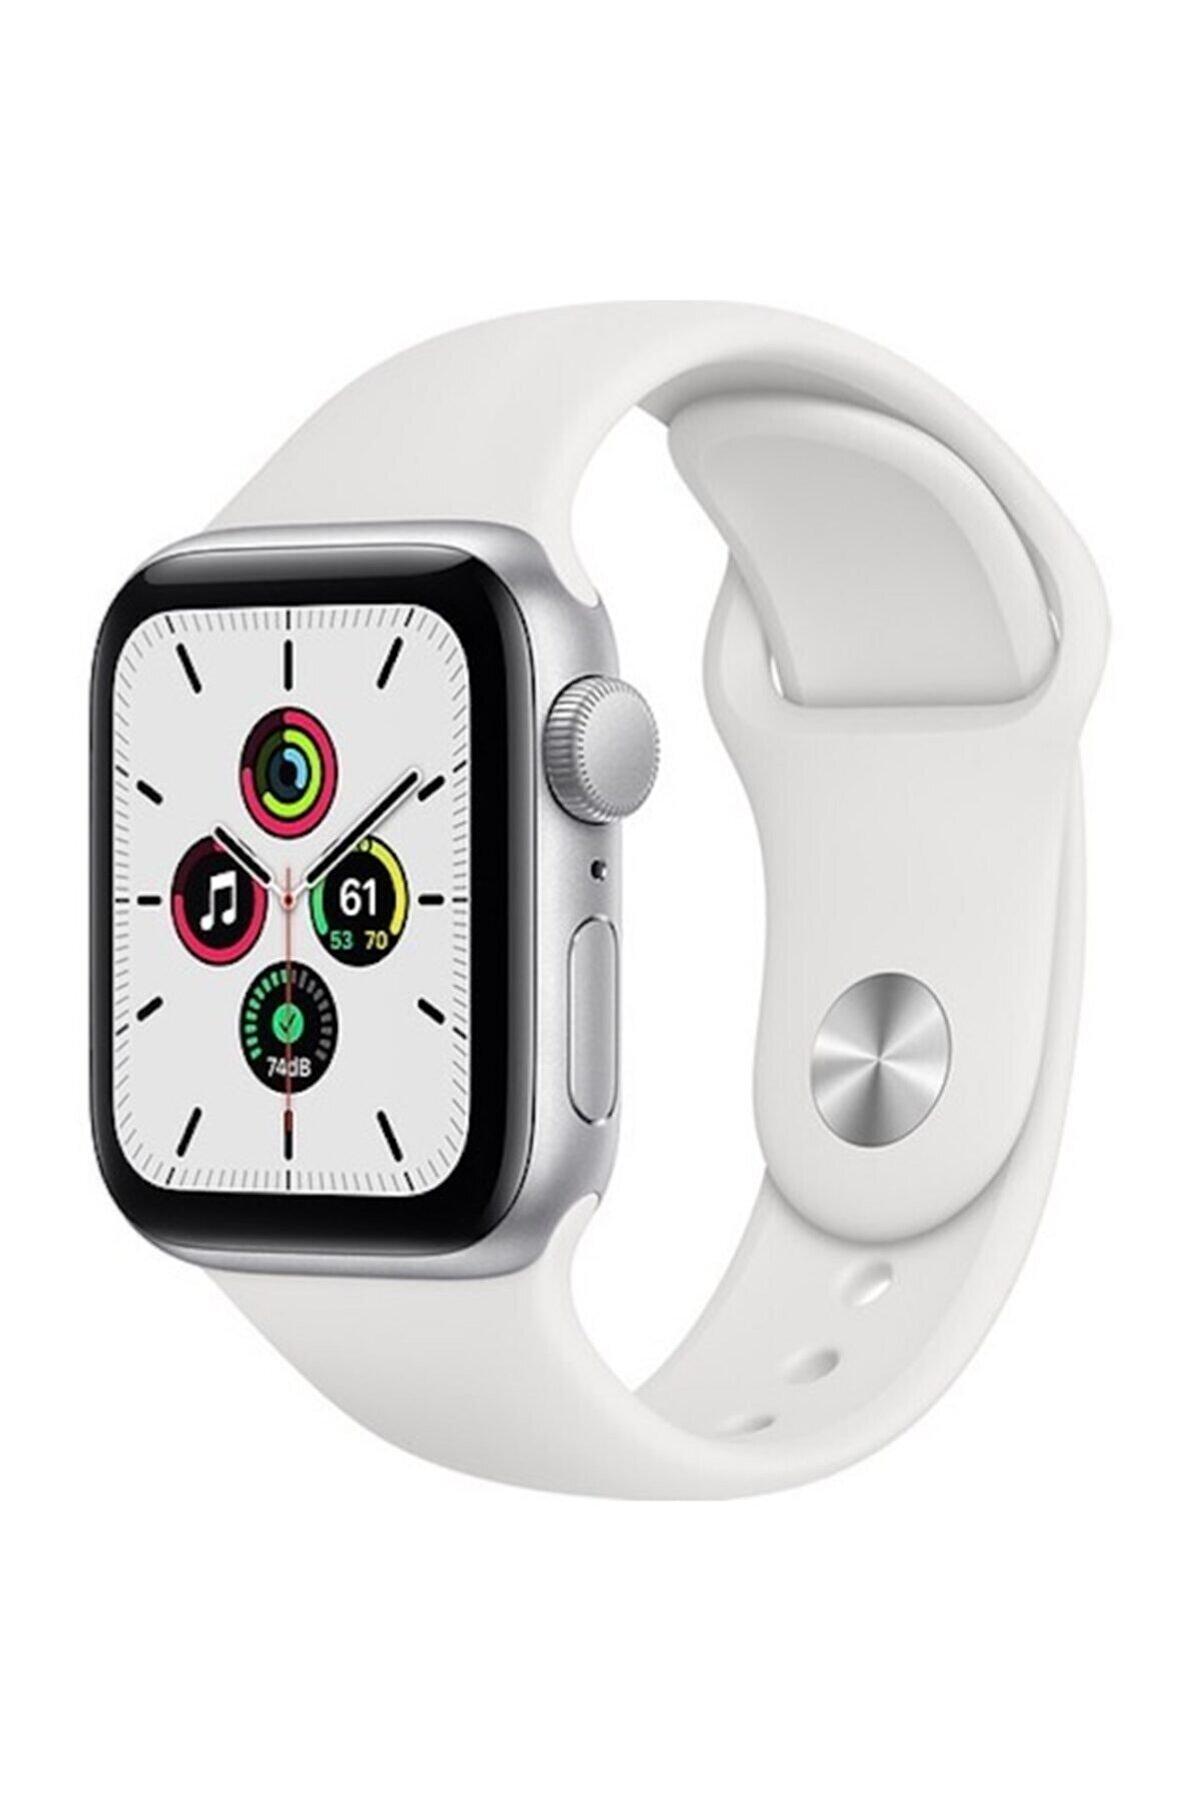 Apple Watch Se Gps 40 Mm Gümüş Rengi Alüminyum Kasa Ve Beyaz Spor Kordon